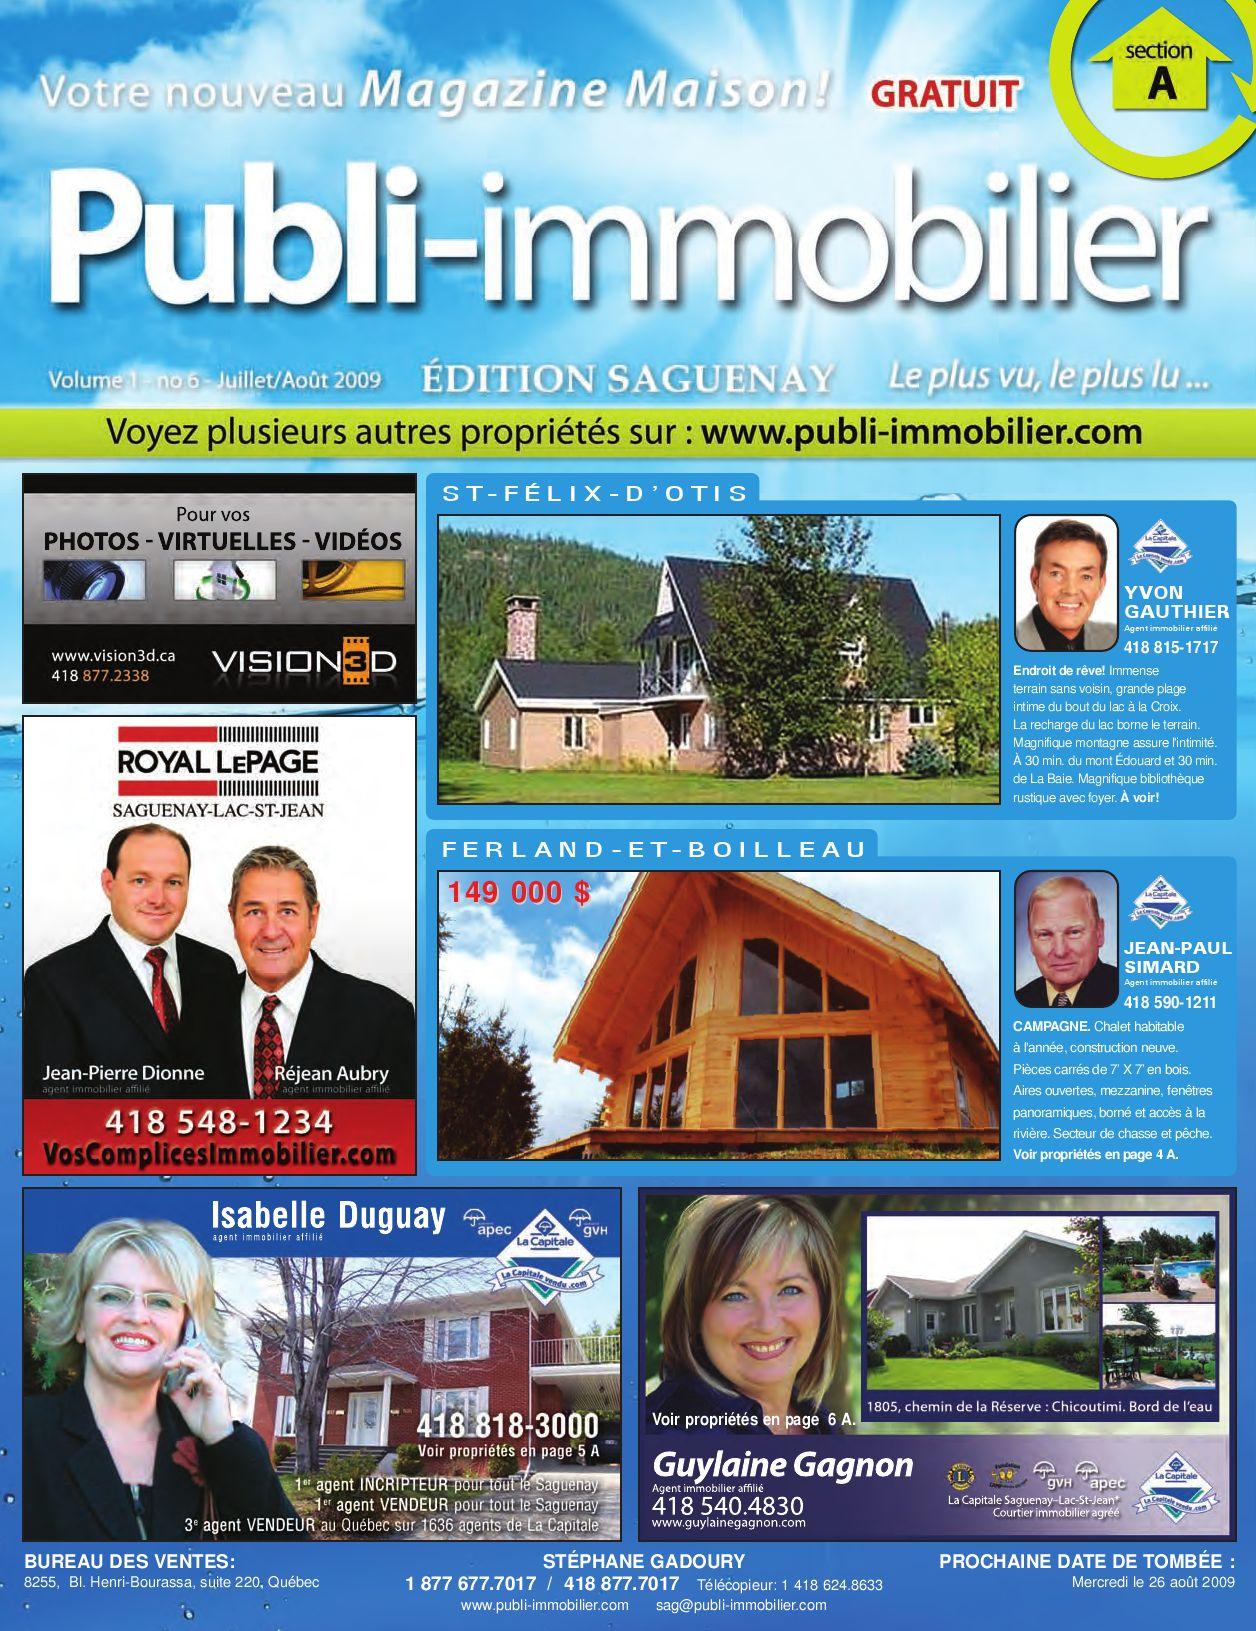 Publi-Immobilier - SAGUENAY - Volume 1 - no 6 - JUILLET/AOÛT